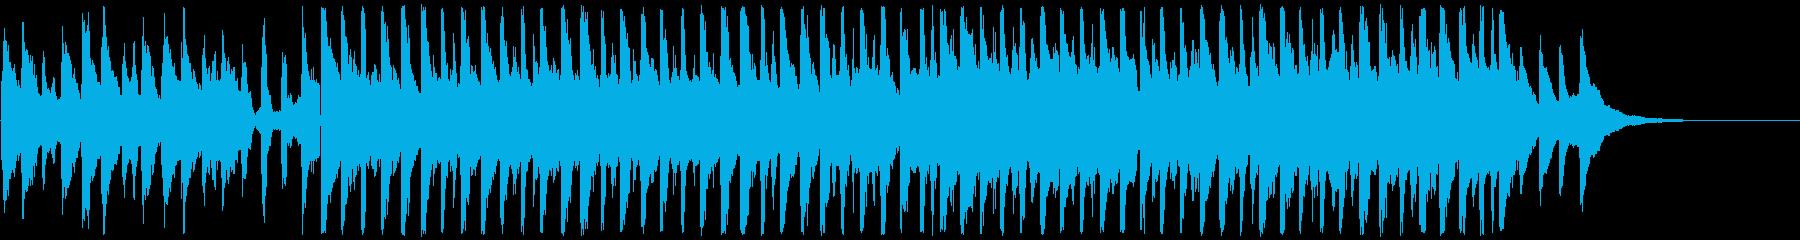 爽やか14の再生済みの波形